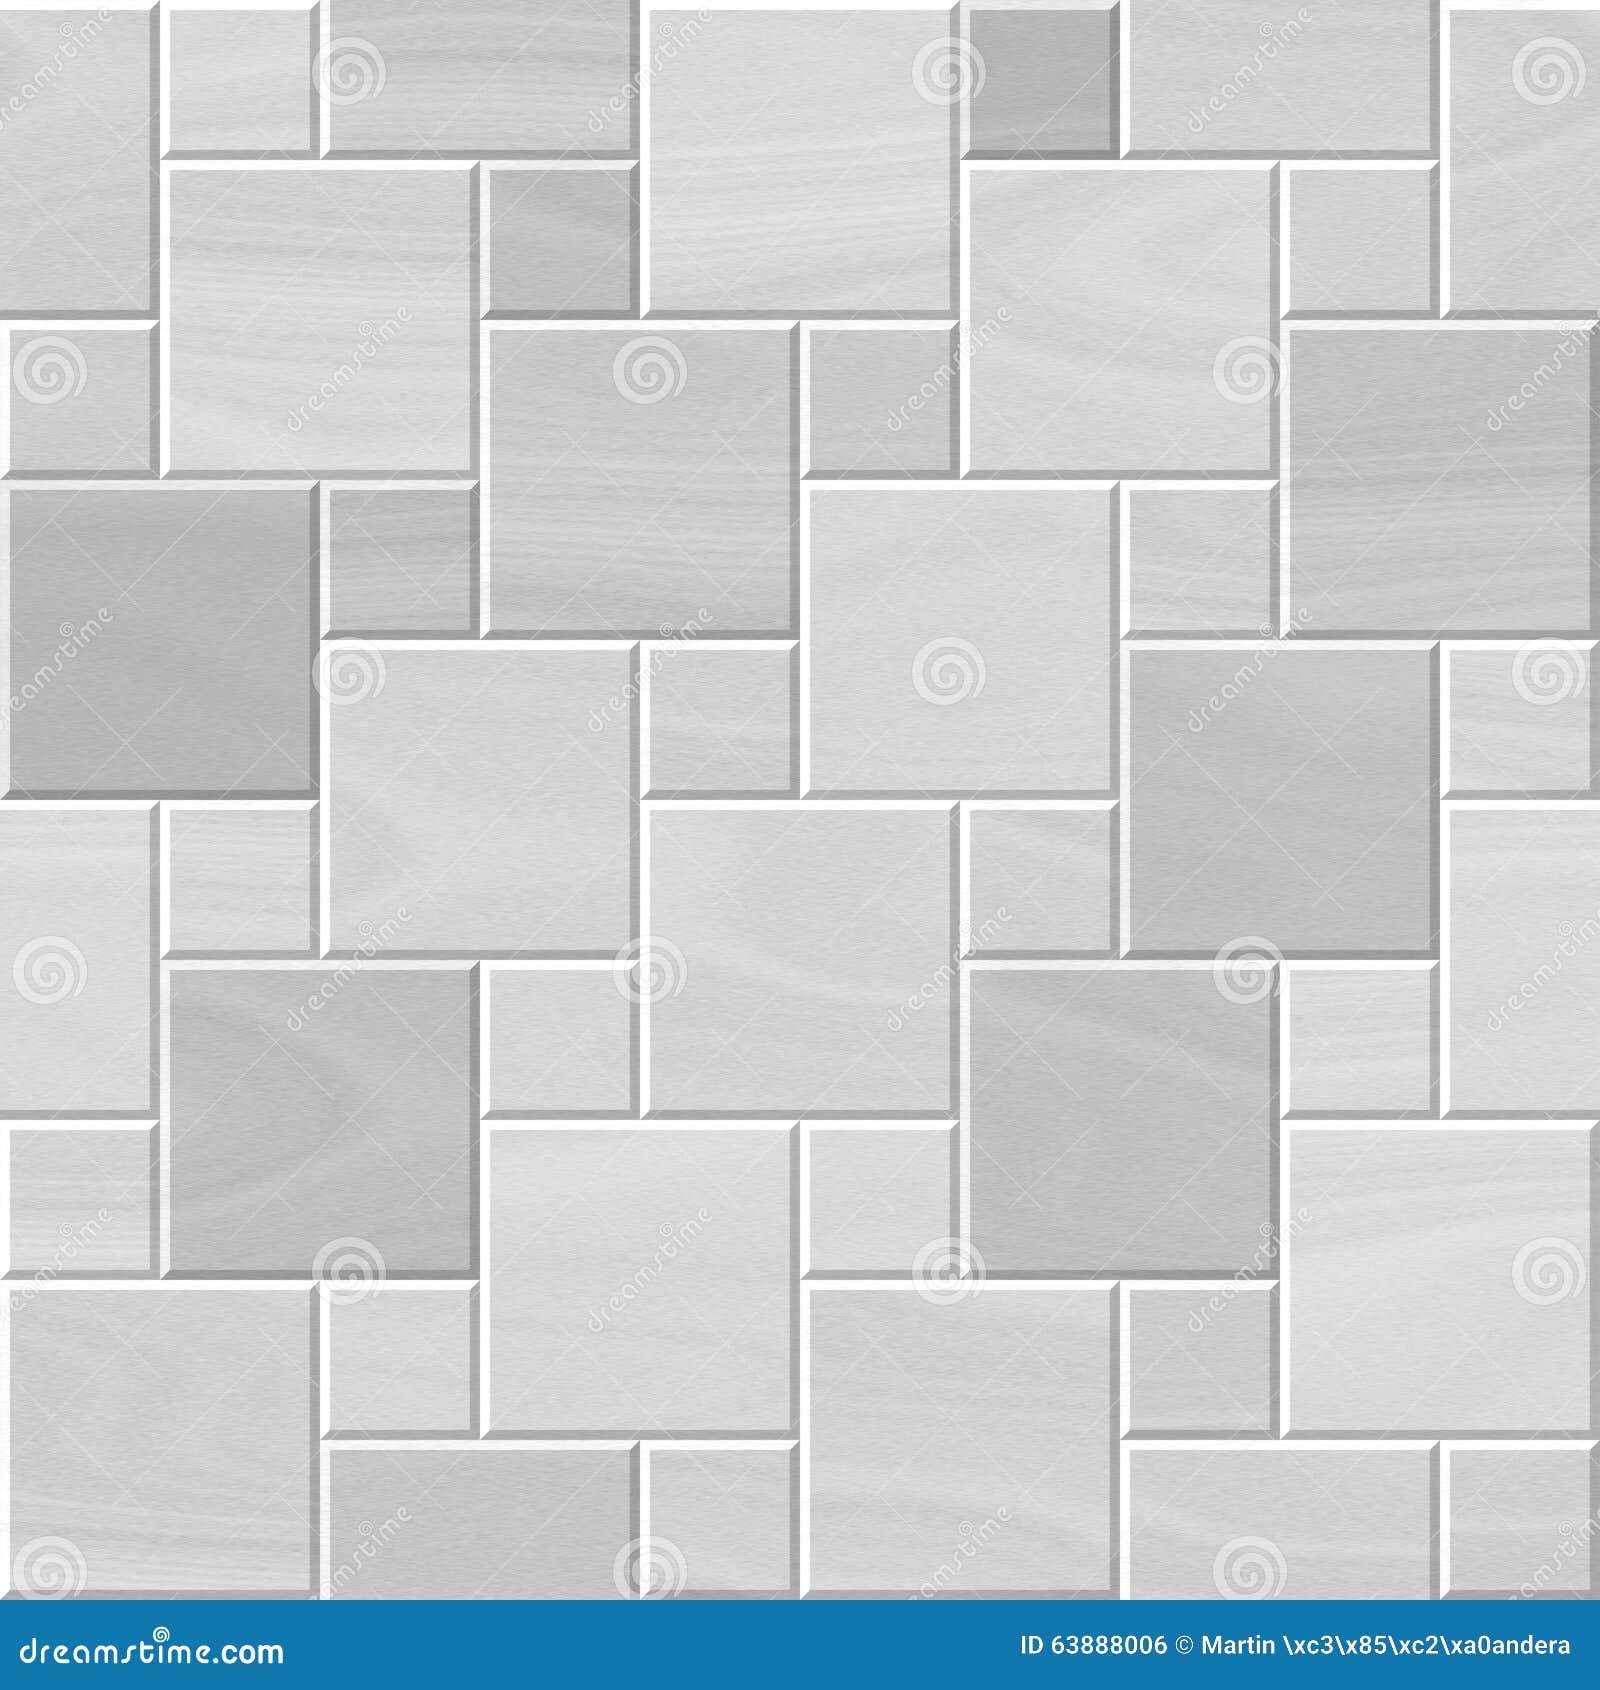 Seamless Parquet Wooden Floor Texture Stock Illustration Image